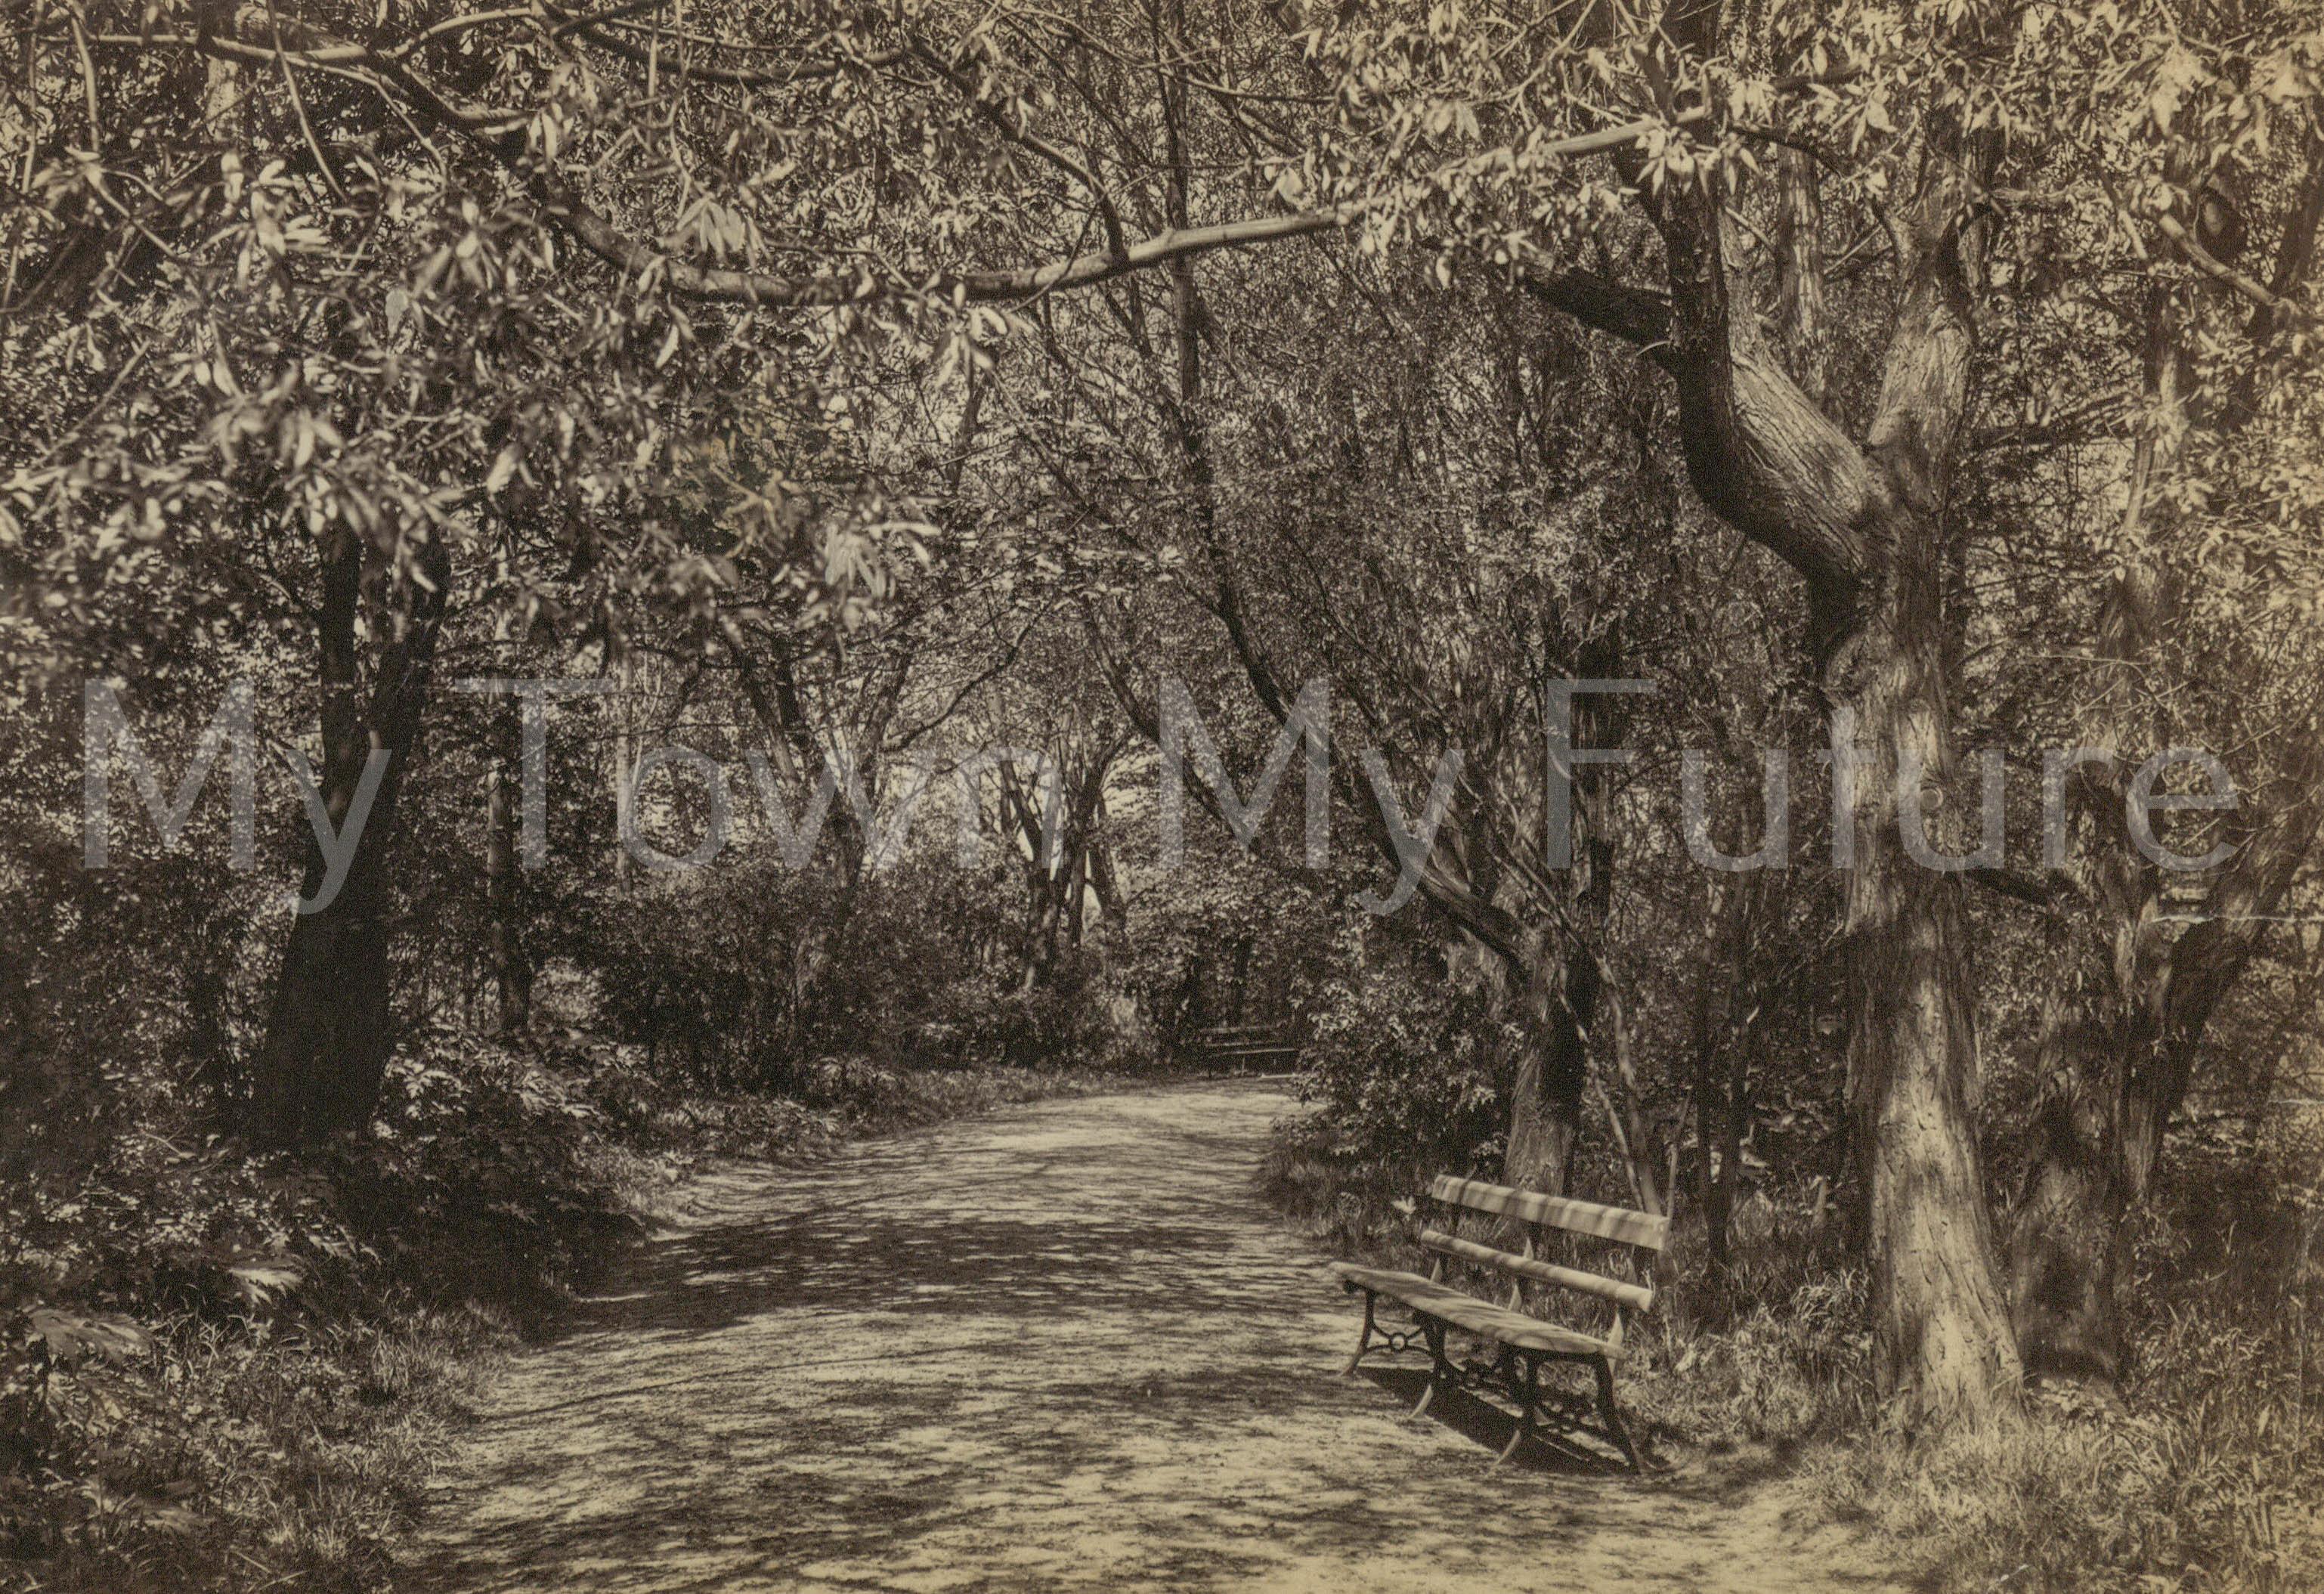 Albert Park - Titled a Walk in Albert Park